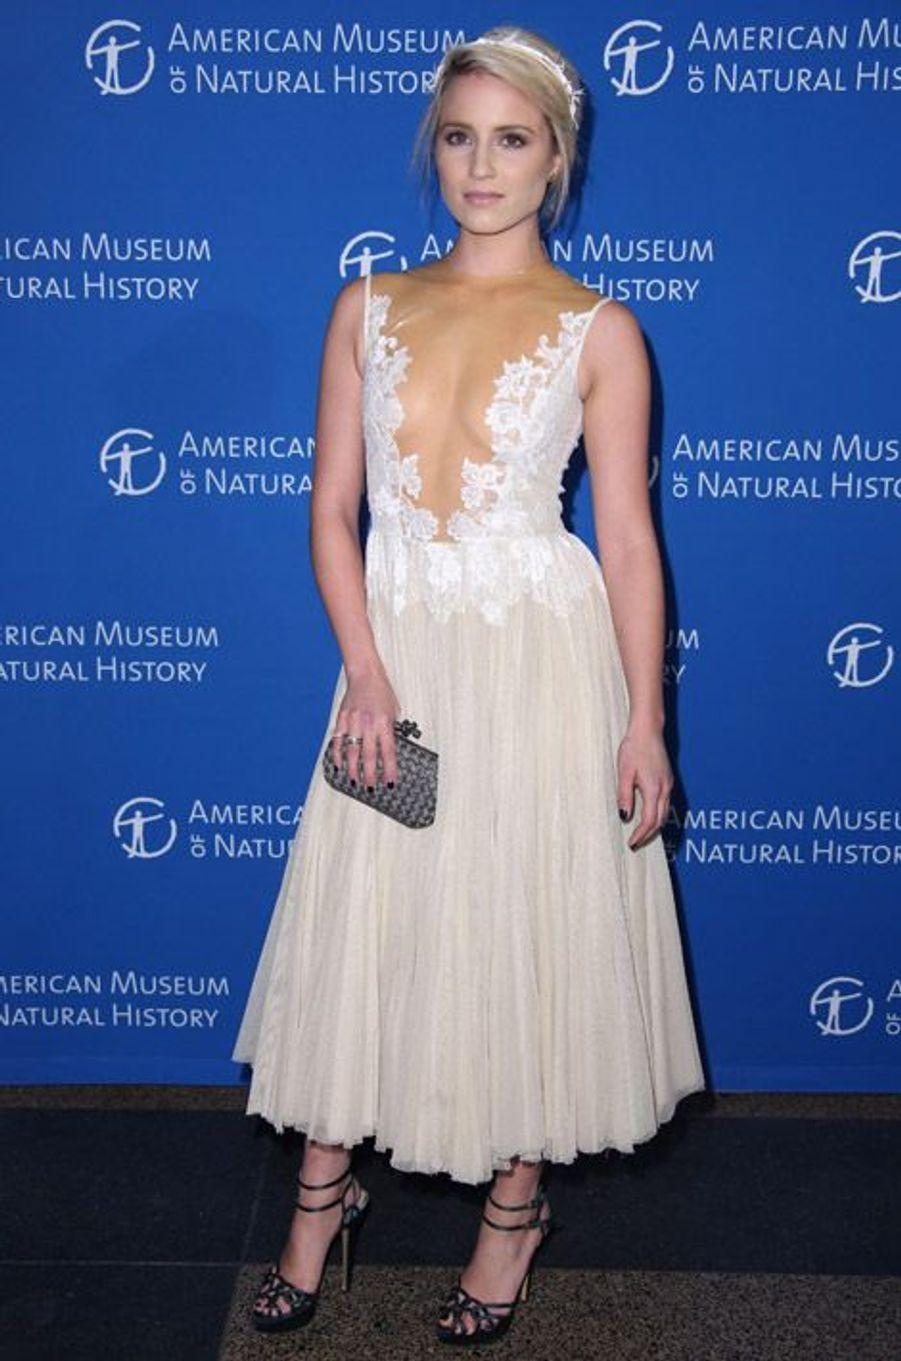 L'actrice Diana Agron au gala du musée d'histoire naturelle de New York, le 20 novembre 2014